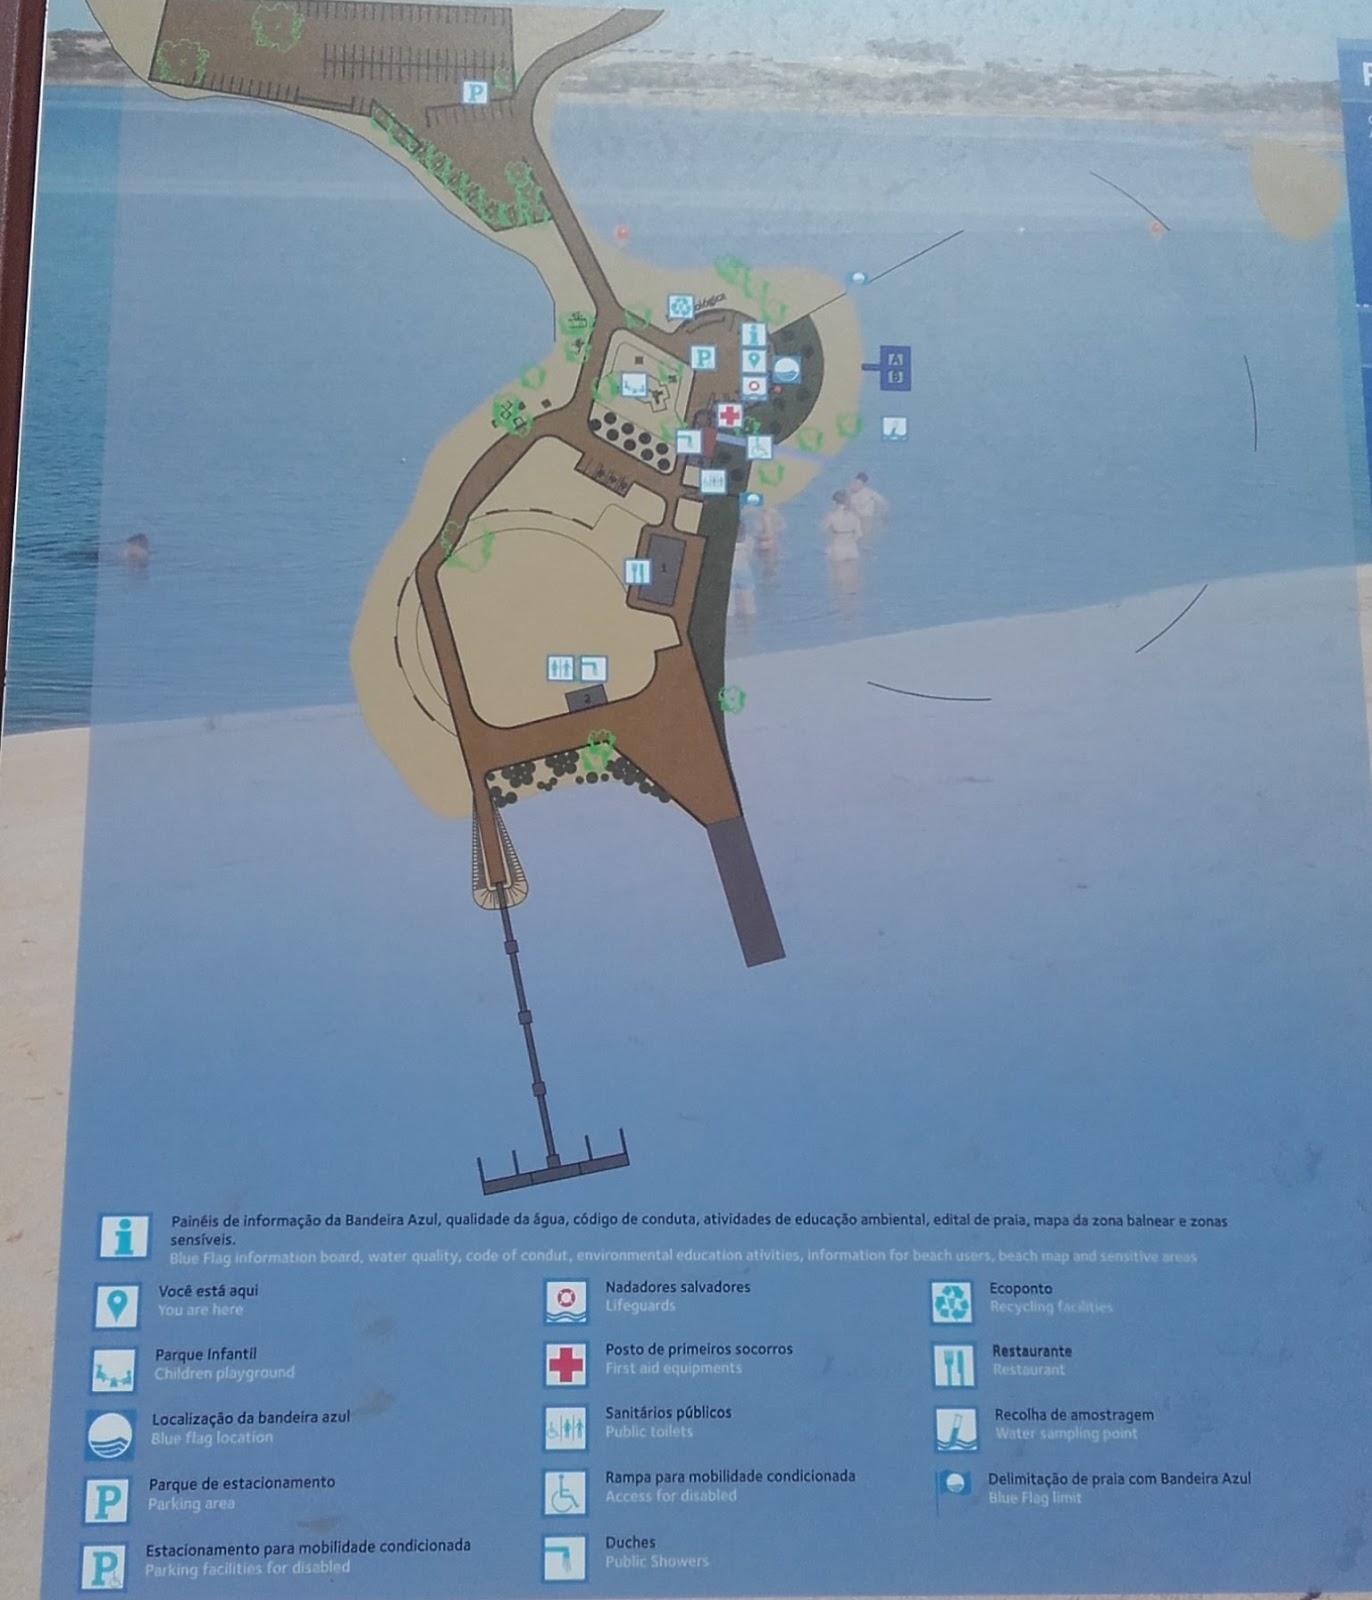 Plano das infra-estruturas da Praia fluvial de Monsaraz